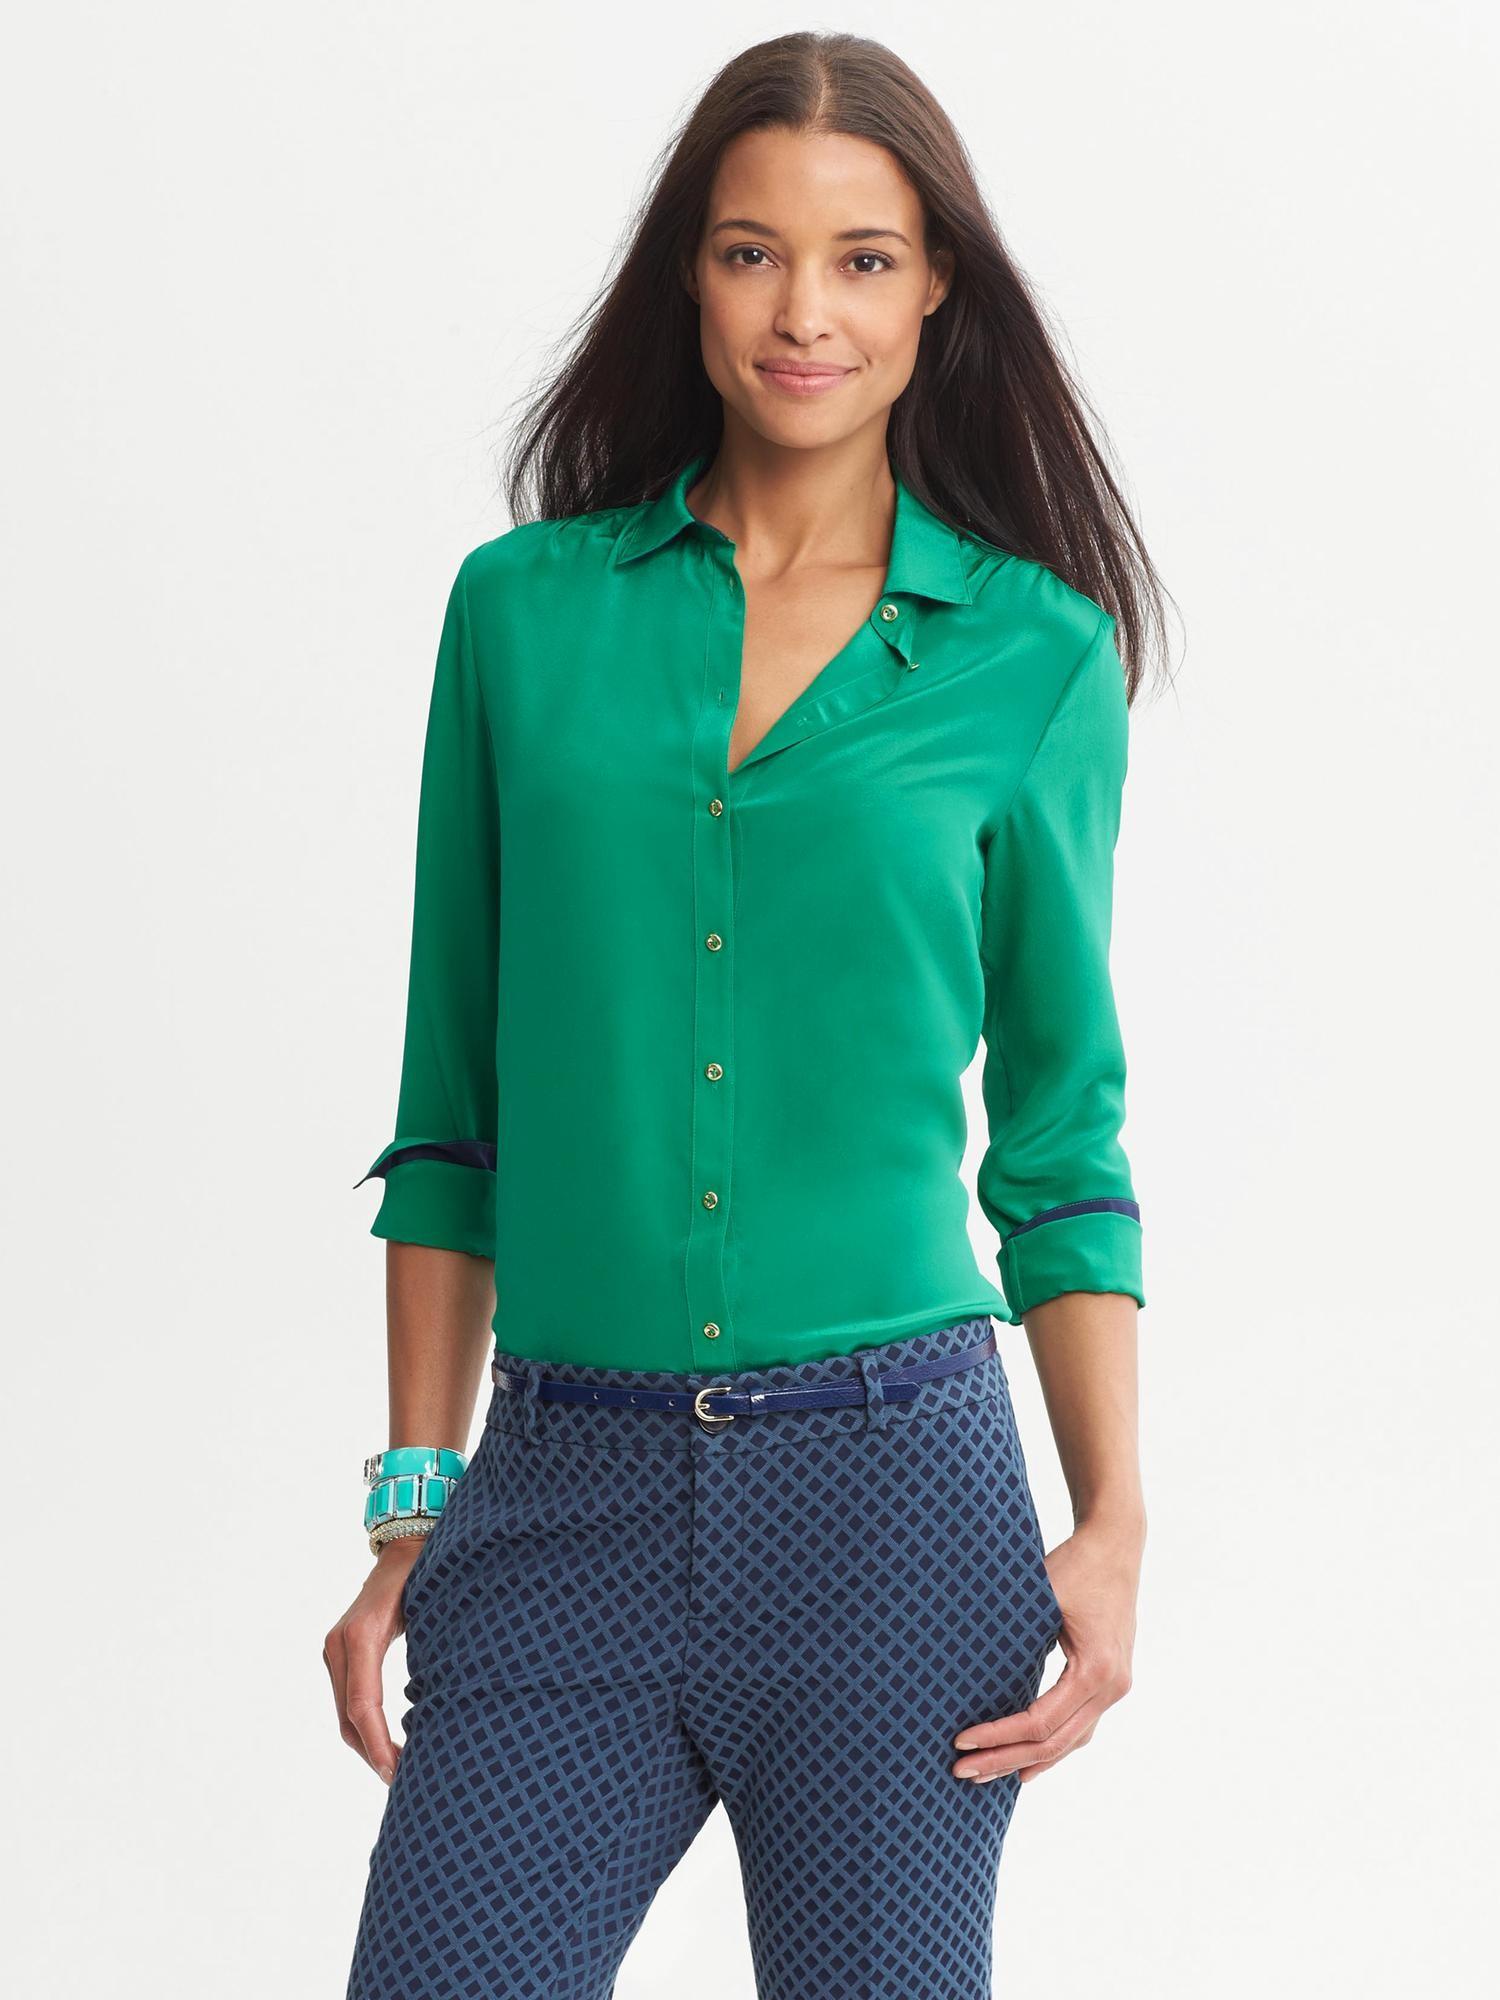 Рубашка с цветами женская с чем носить фото